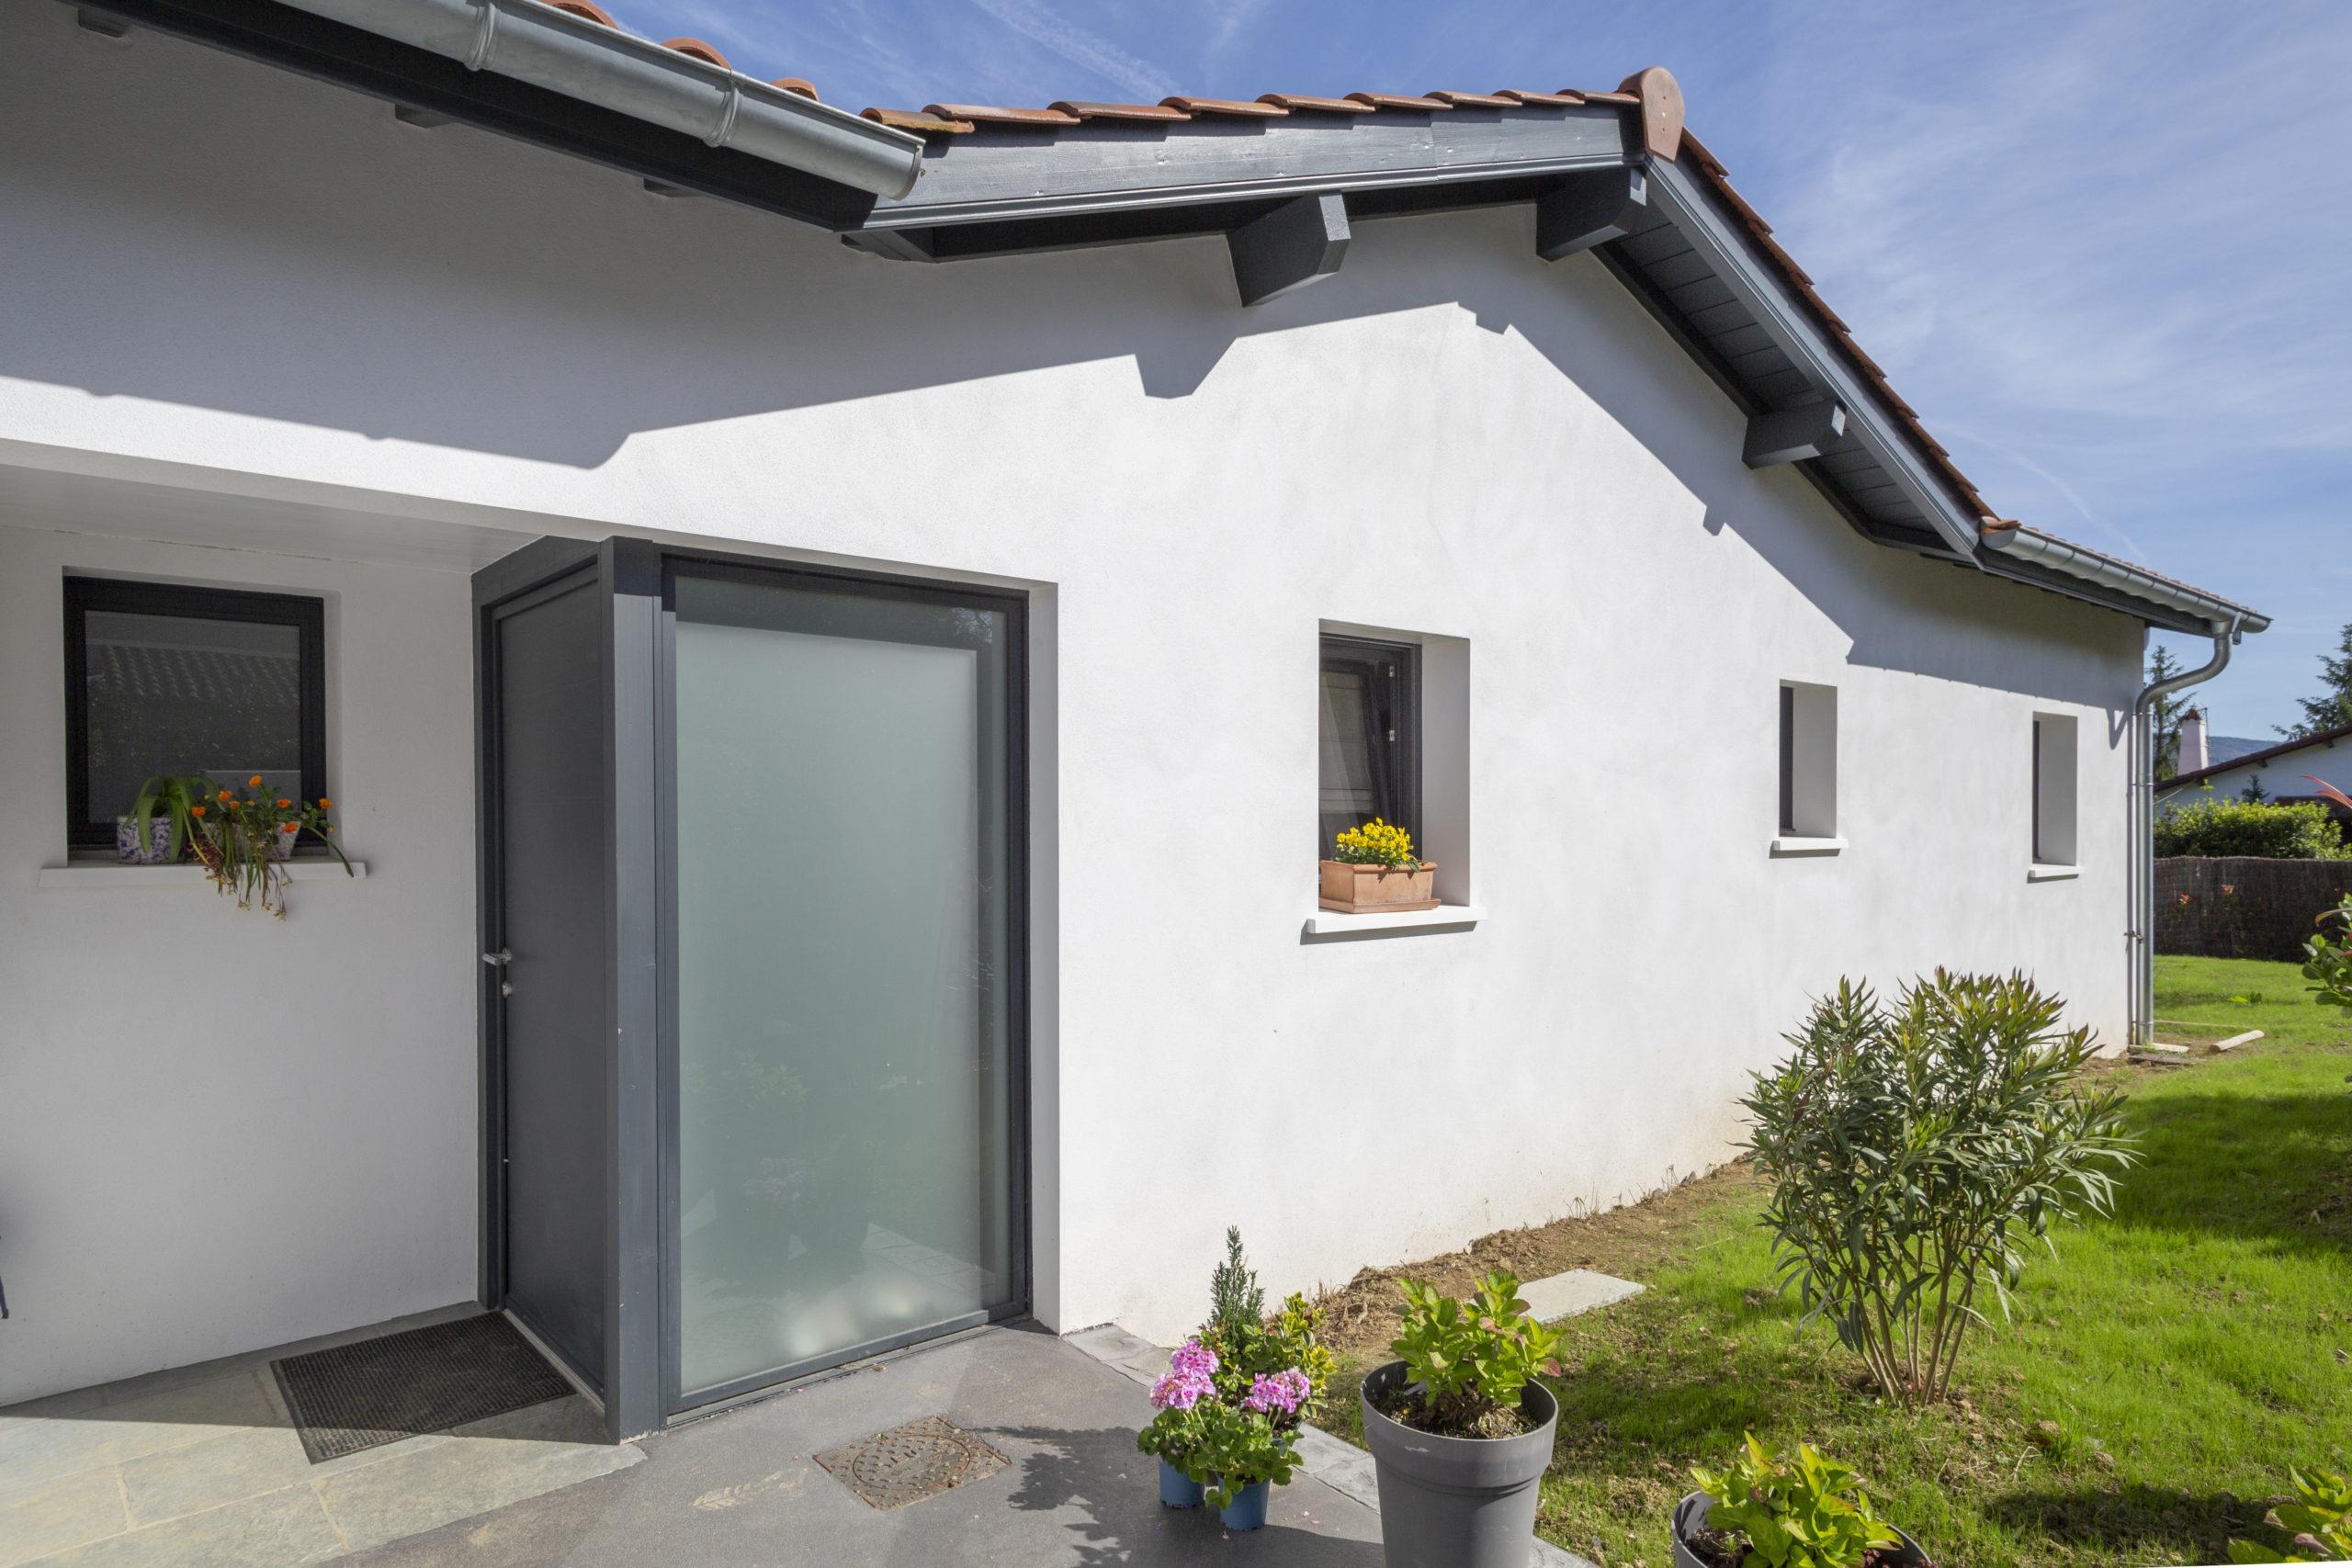 Atelier-Plurielles-Architectures-Construction maison Basque à Hendaye- façade